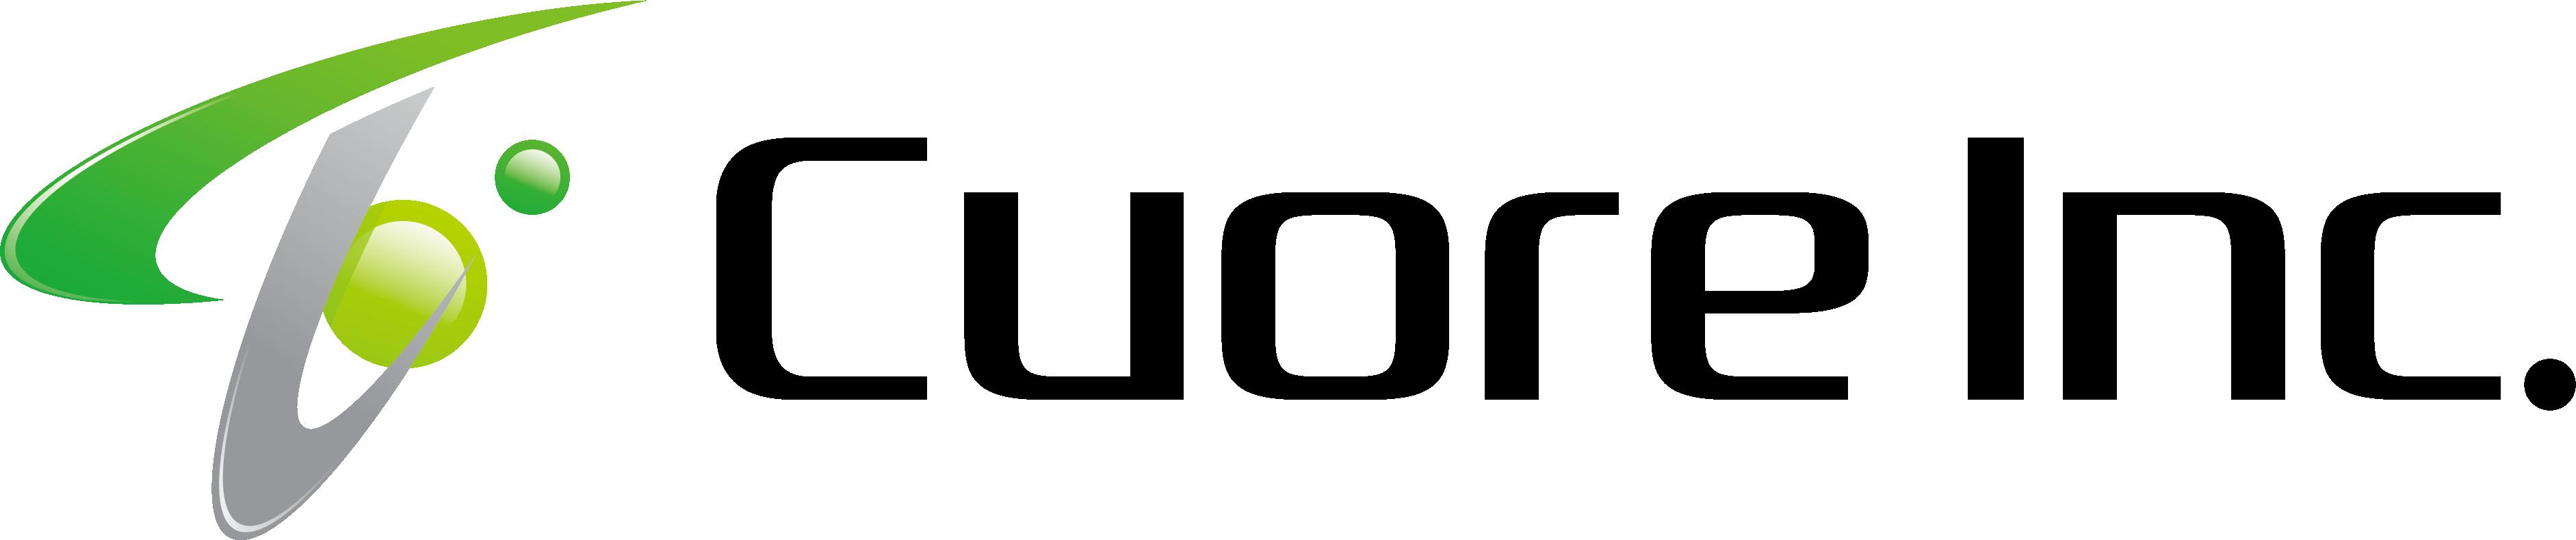 クオーレ 株式 会社